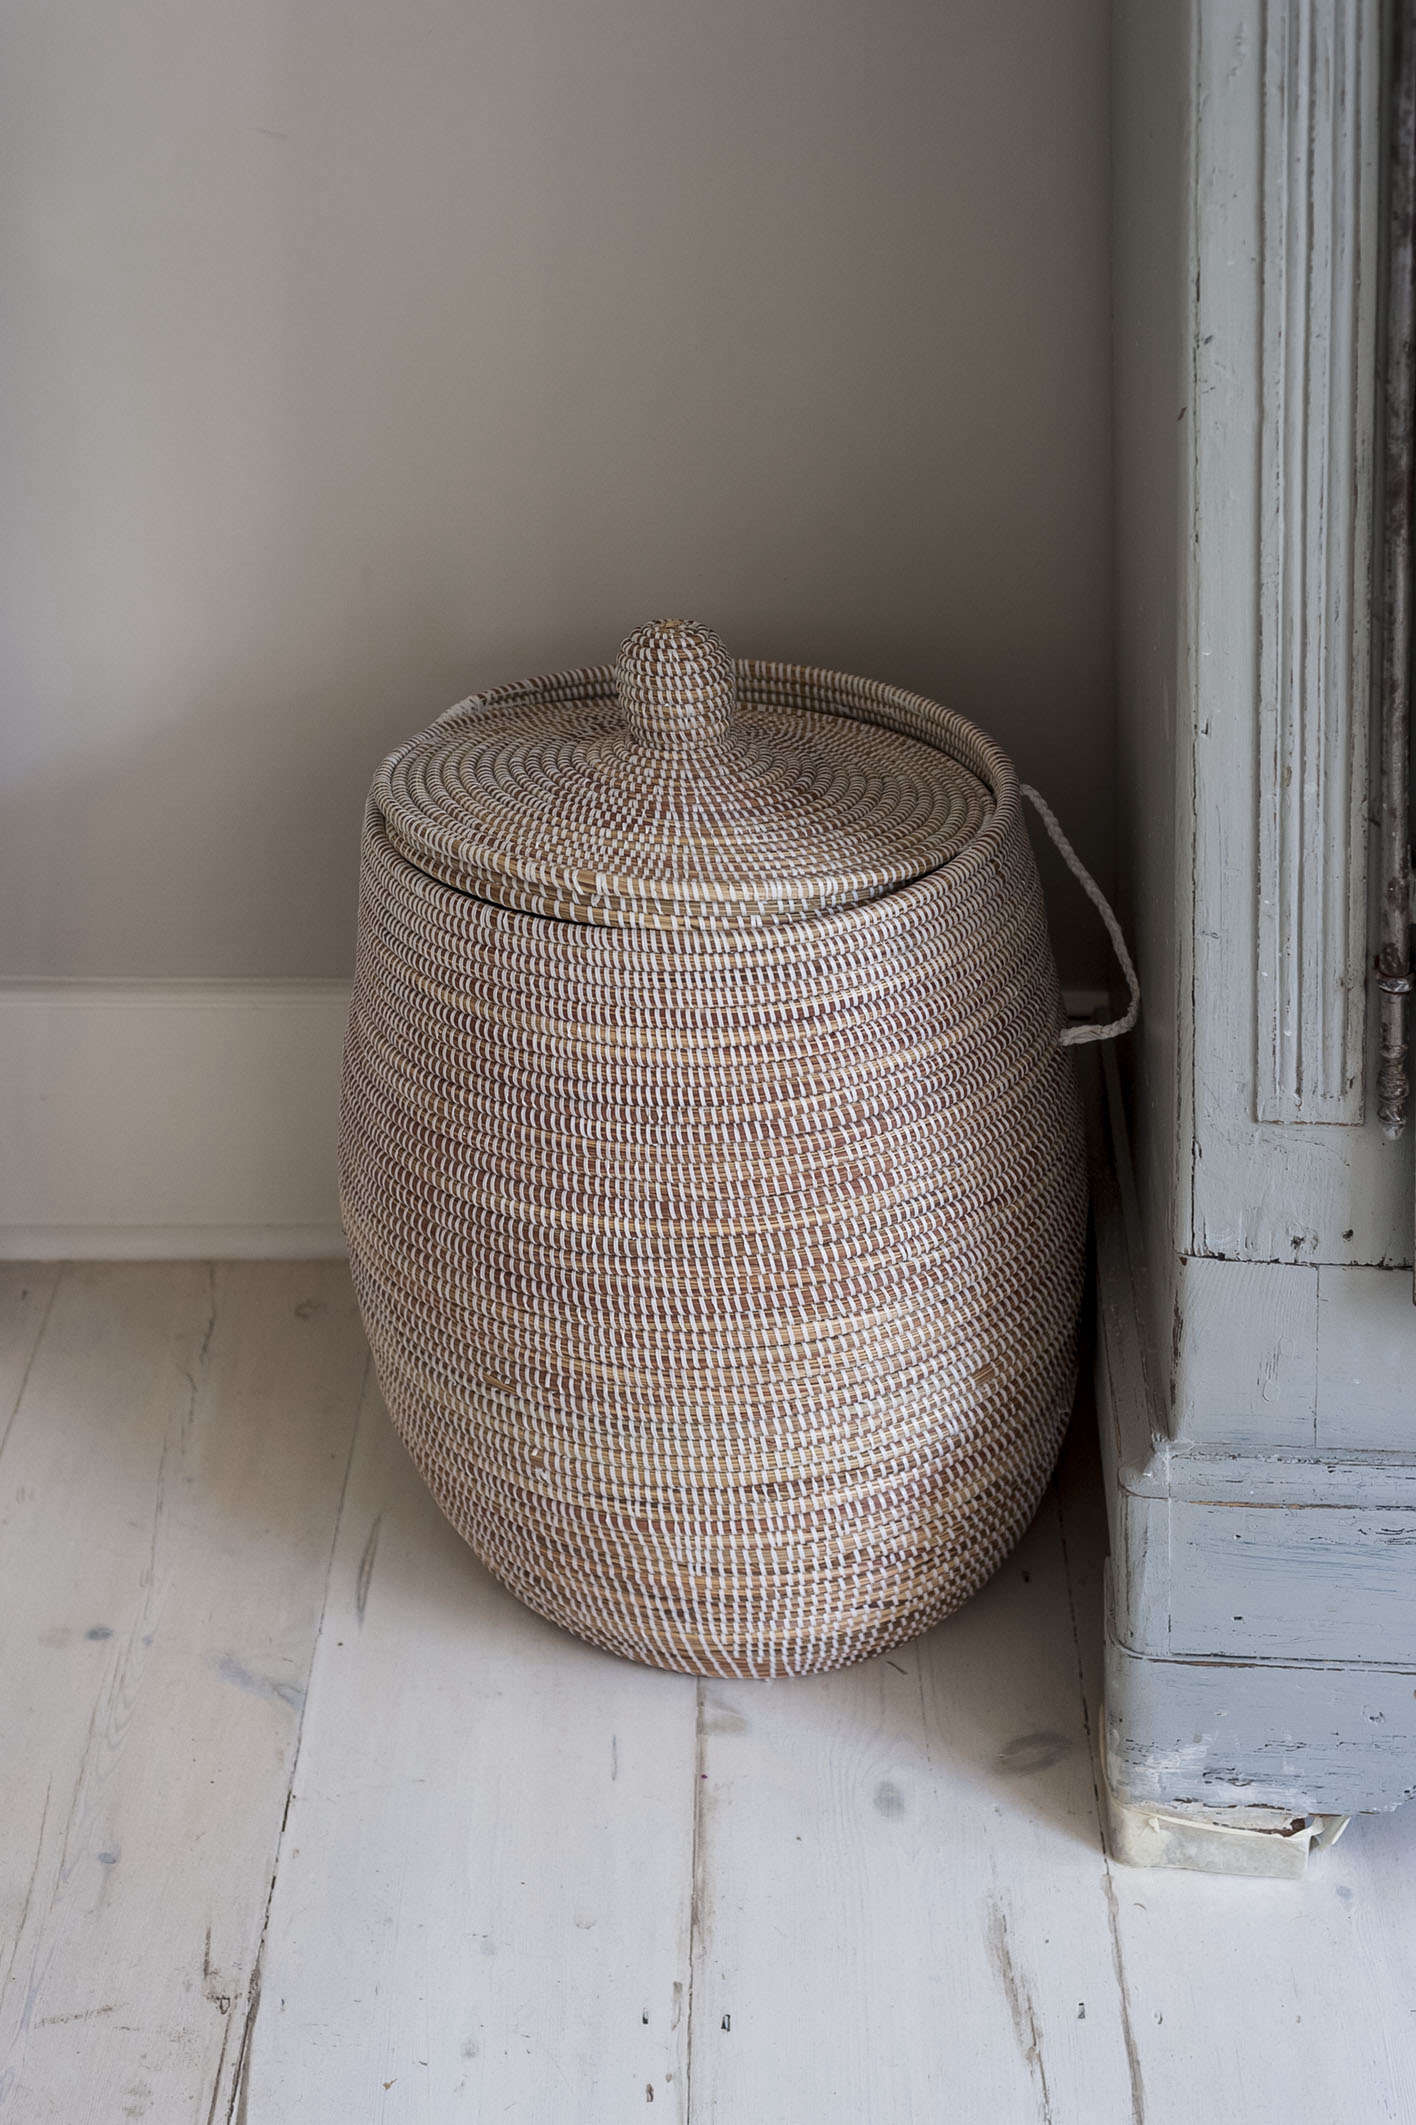 laundry-basket-lid-corner-whitewashed-floor